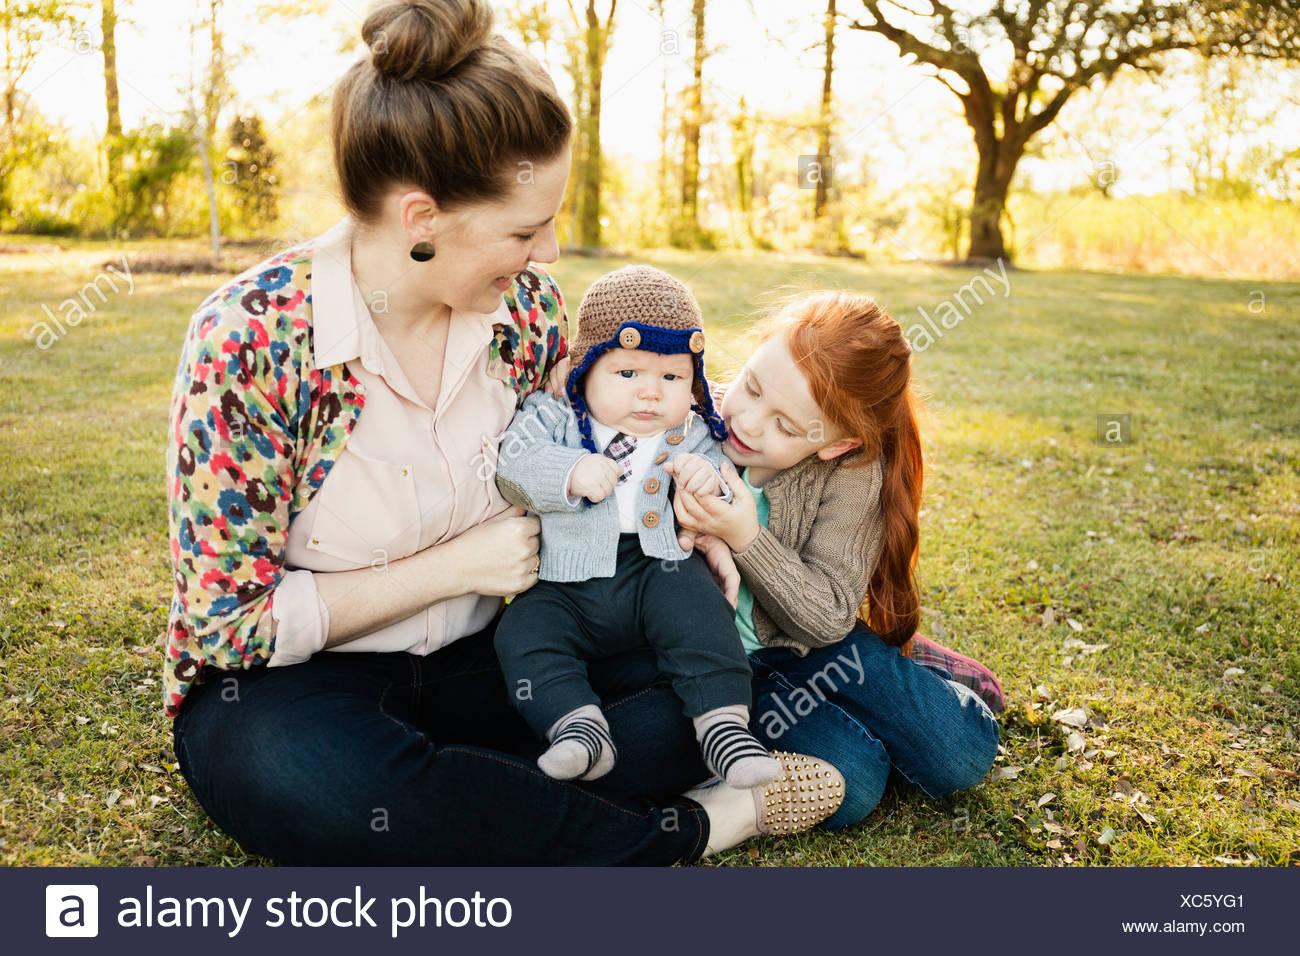 Mitte Erwachsene Mutter, Tochter und Baby Sohn im park Stockbild